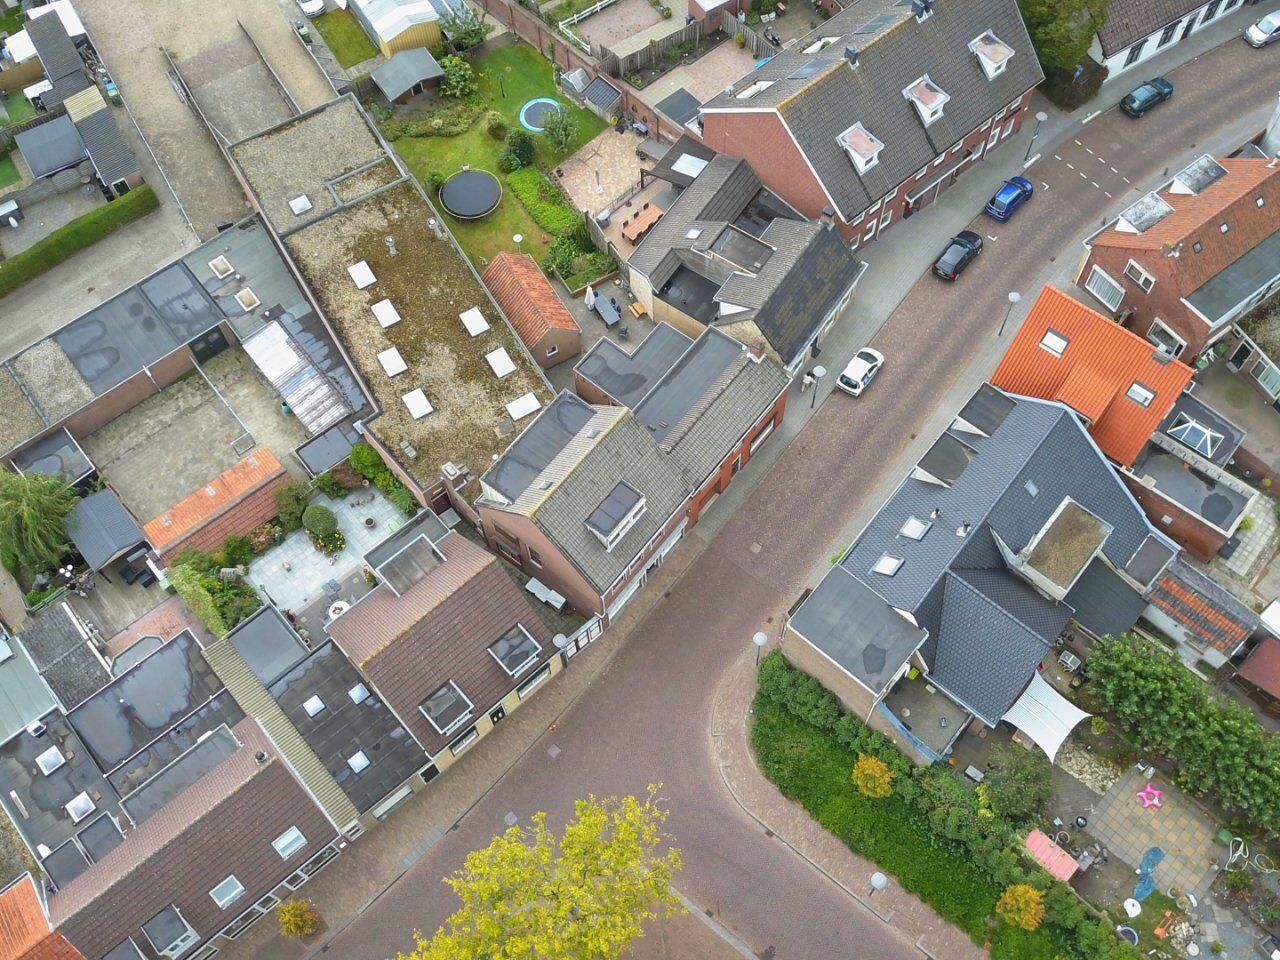 35457-kerkstraat_52-lepelstraat-4150308044